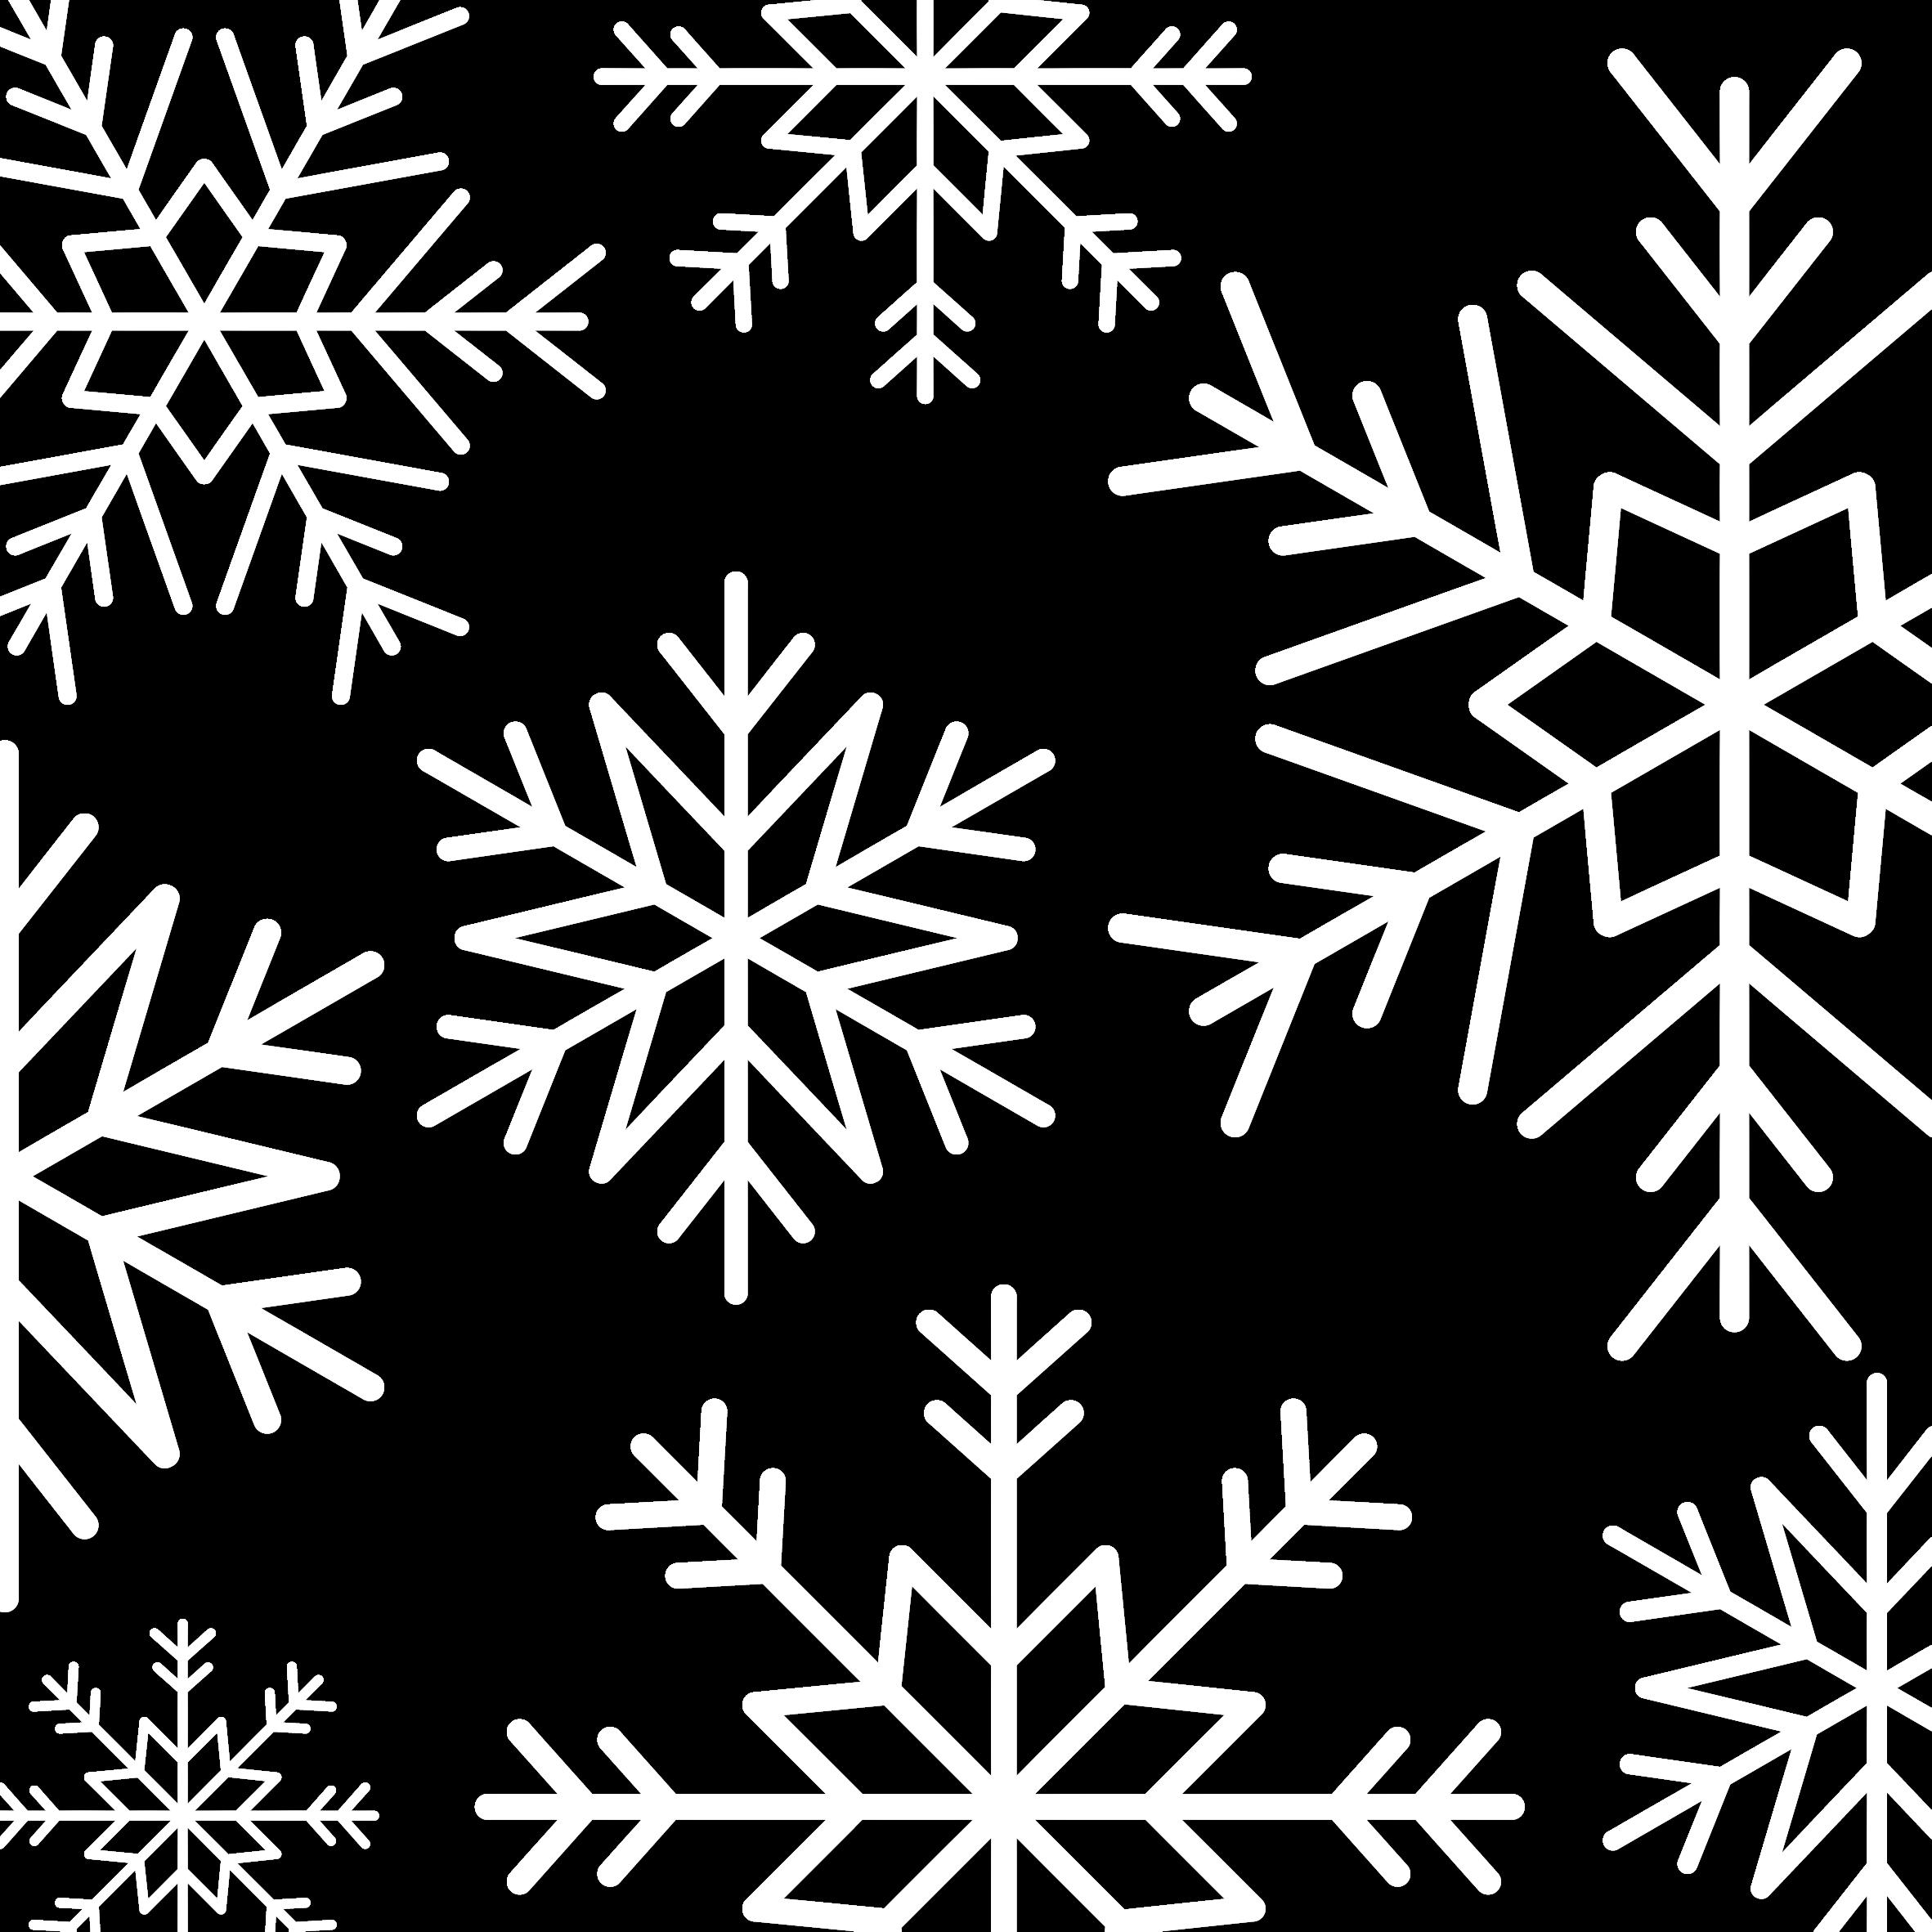 Homepage Tosilab Christmas